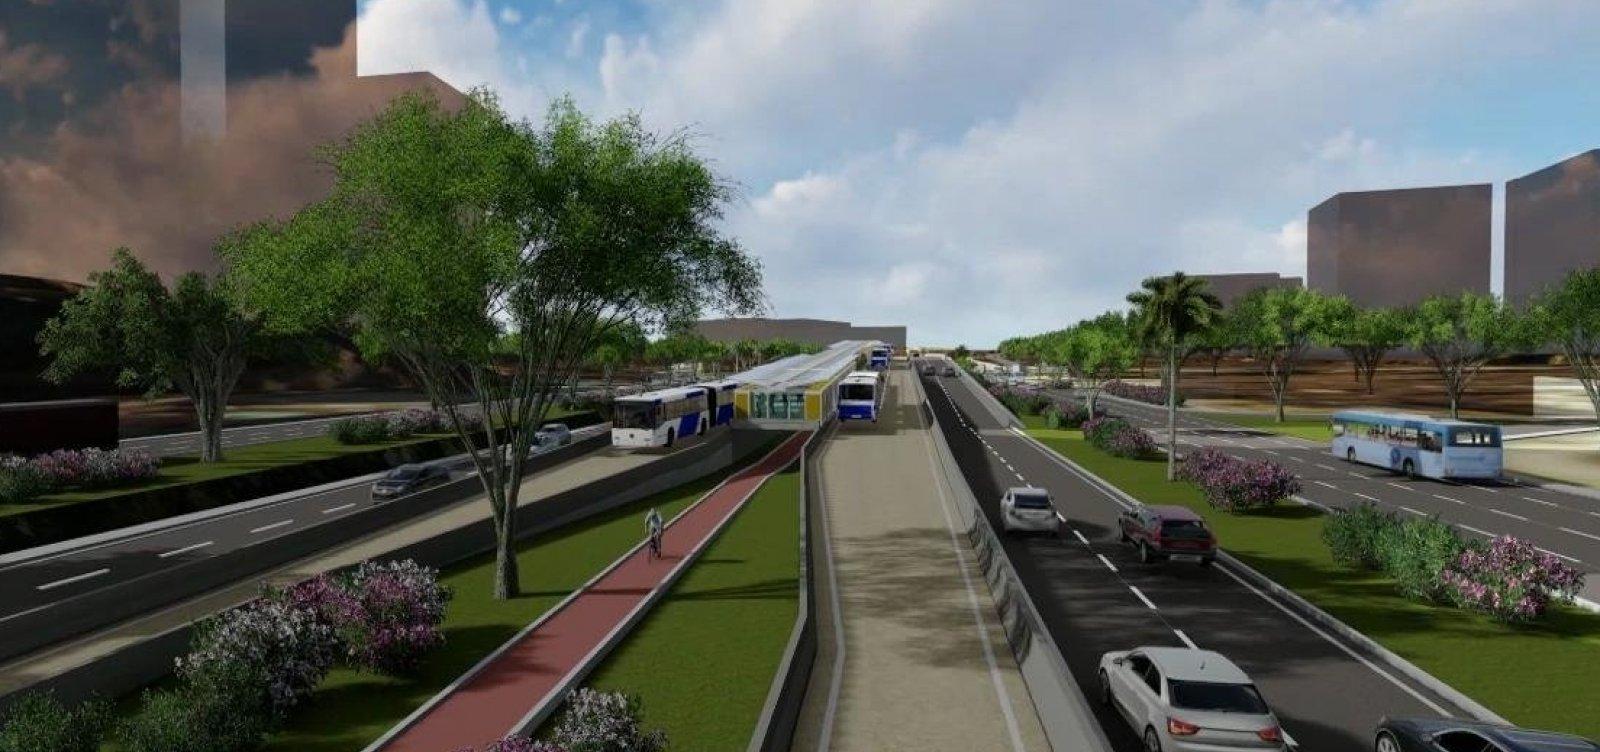 [MPF pede nulidade do contrato e suspensão imediata de obras do BRT]